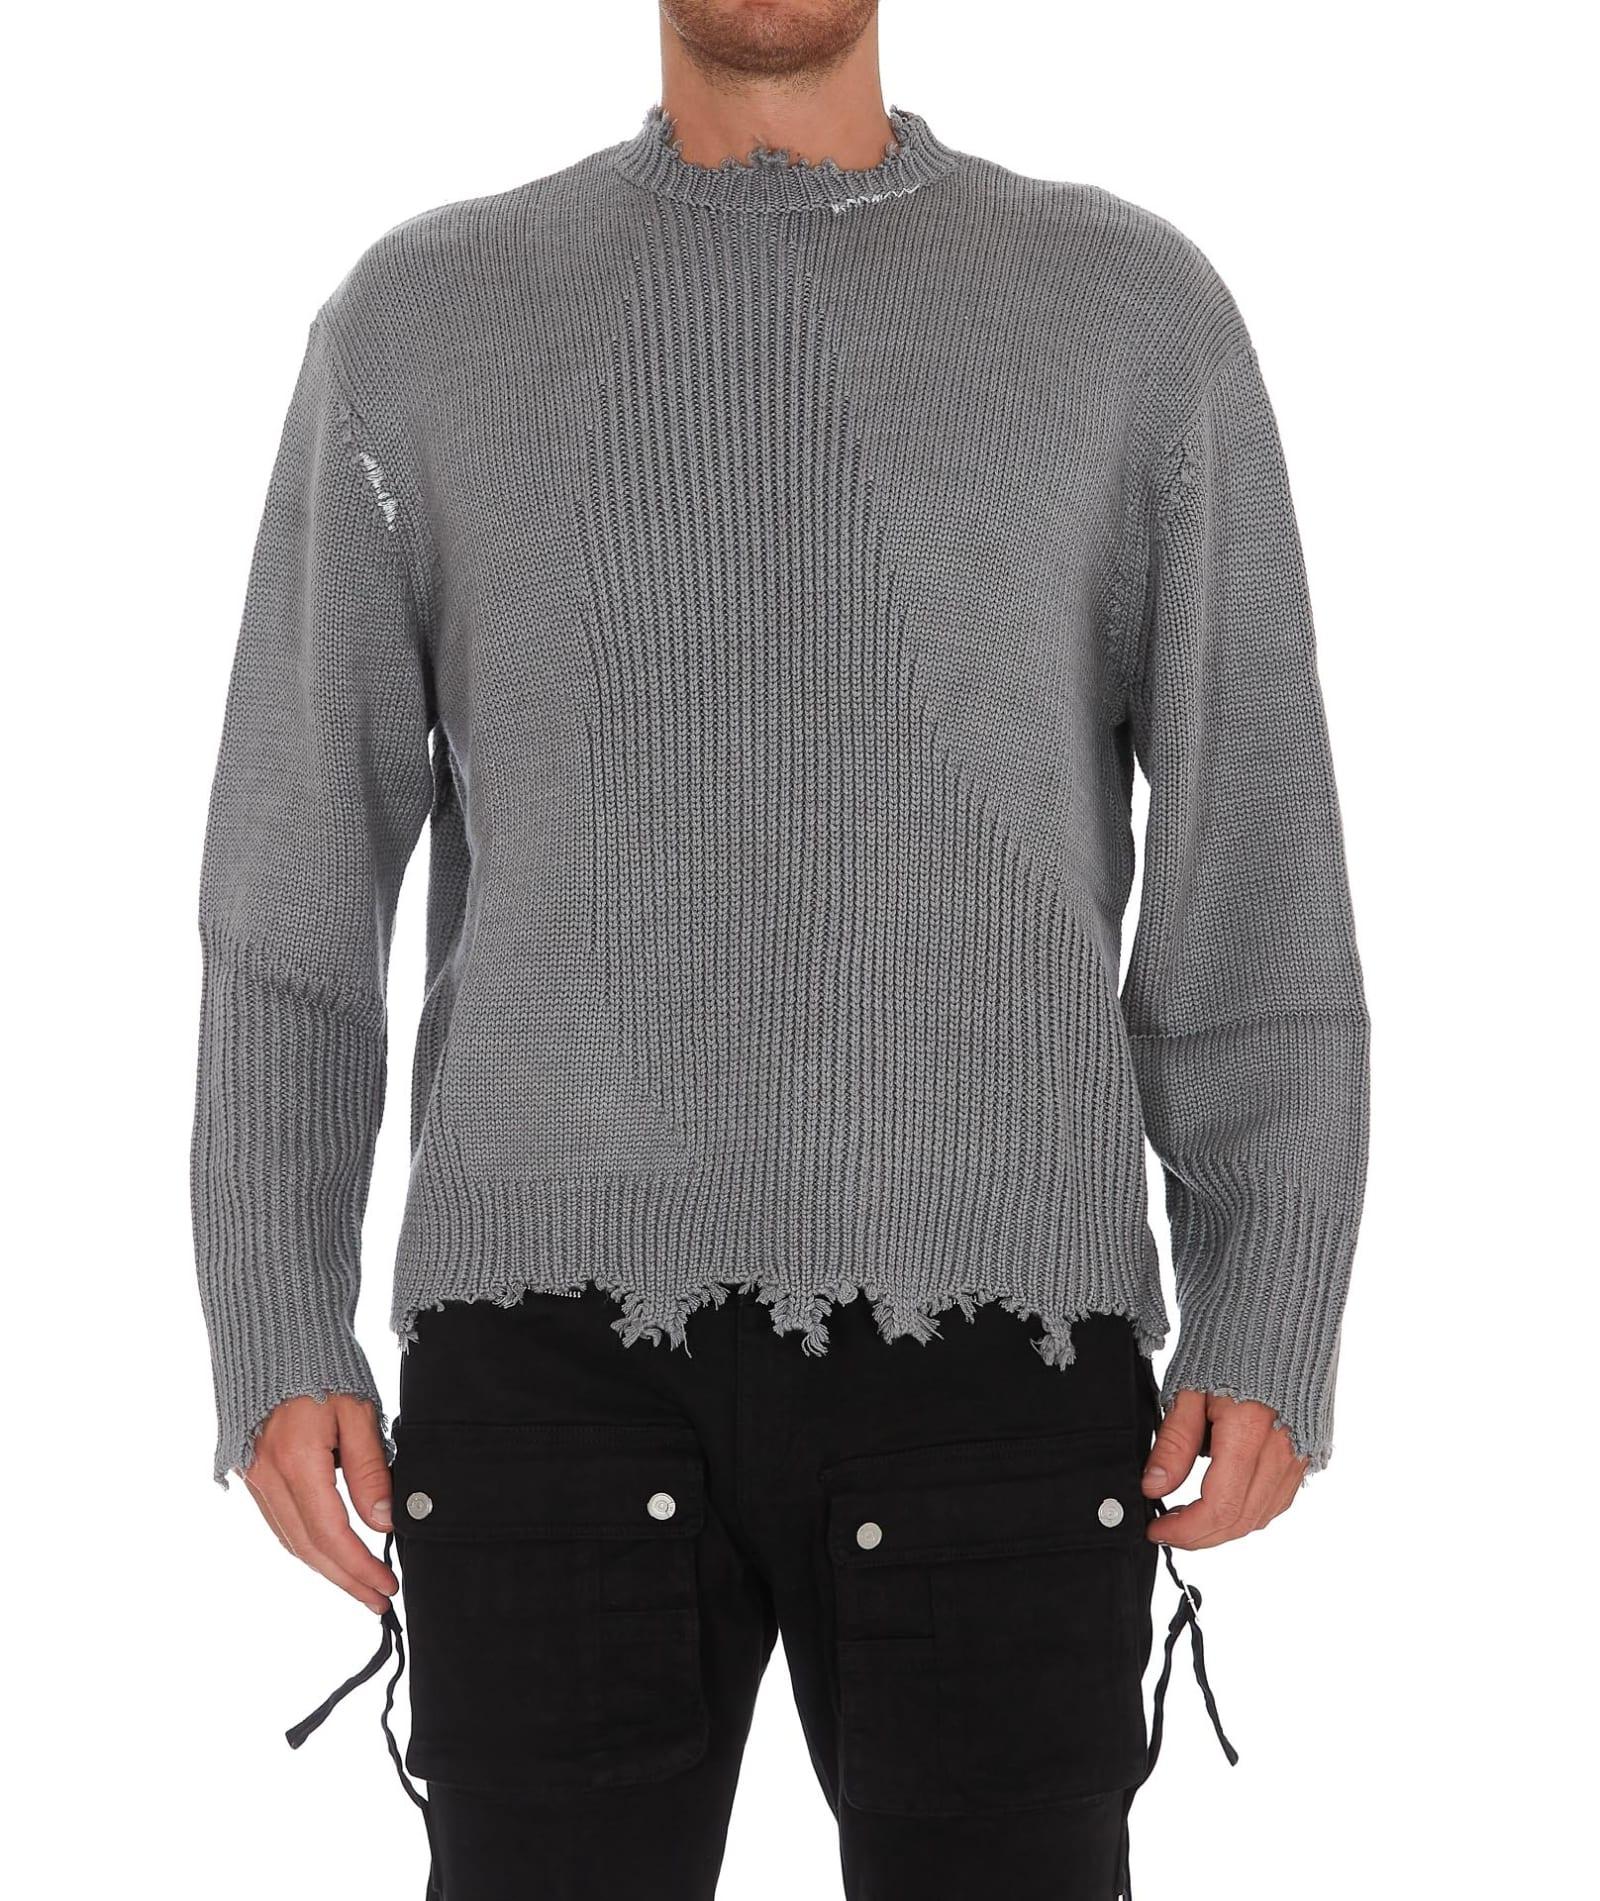 Arc Sculpture Sweater